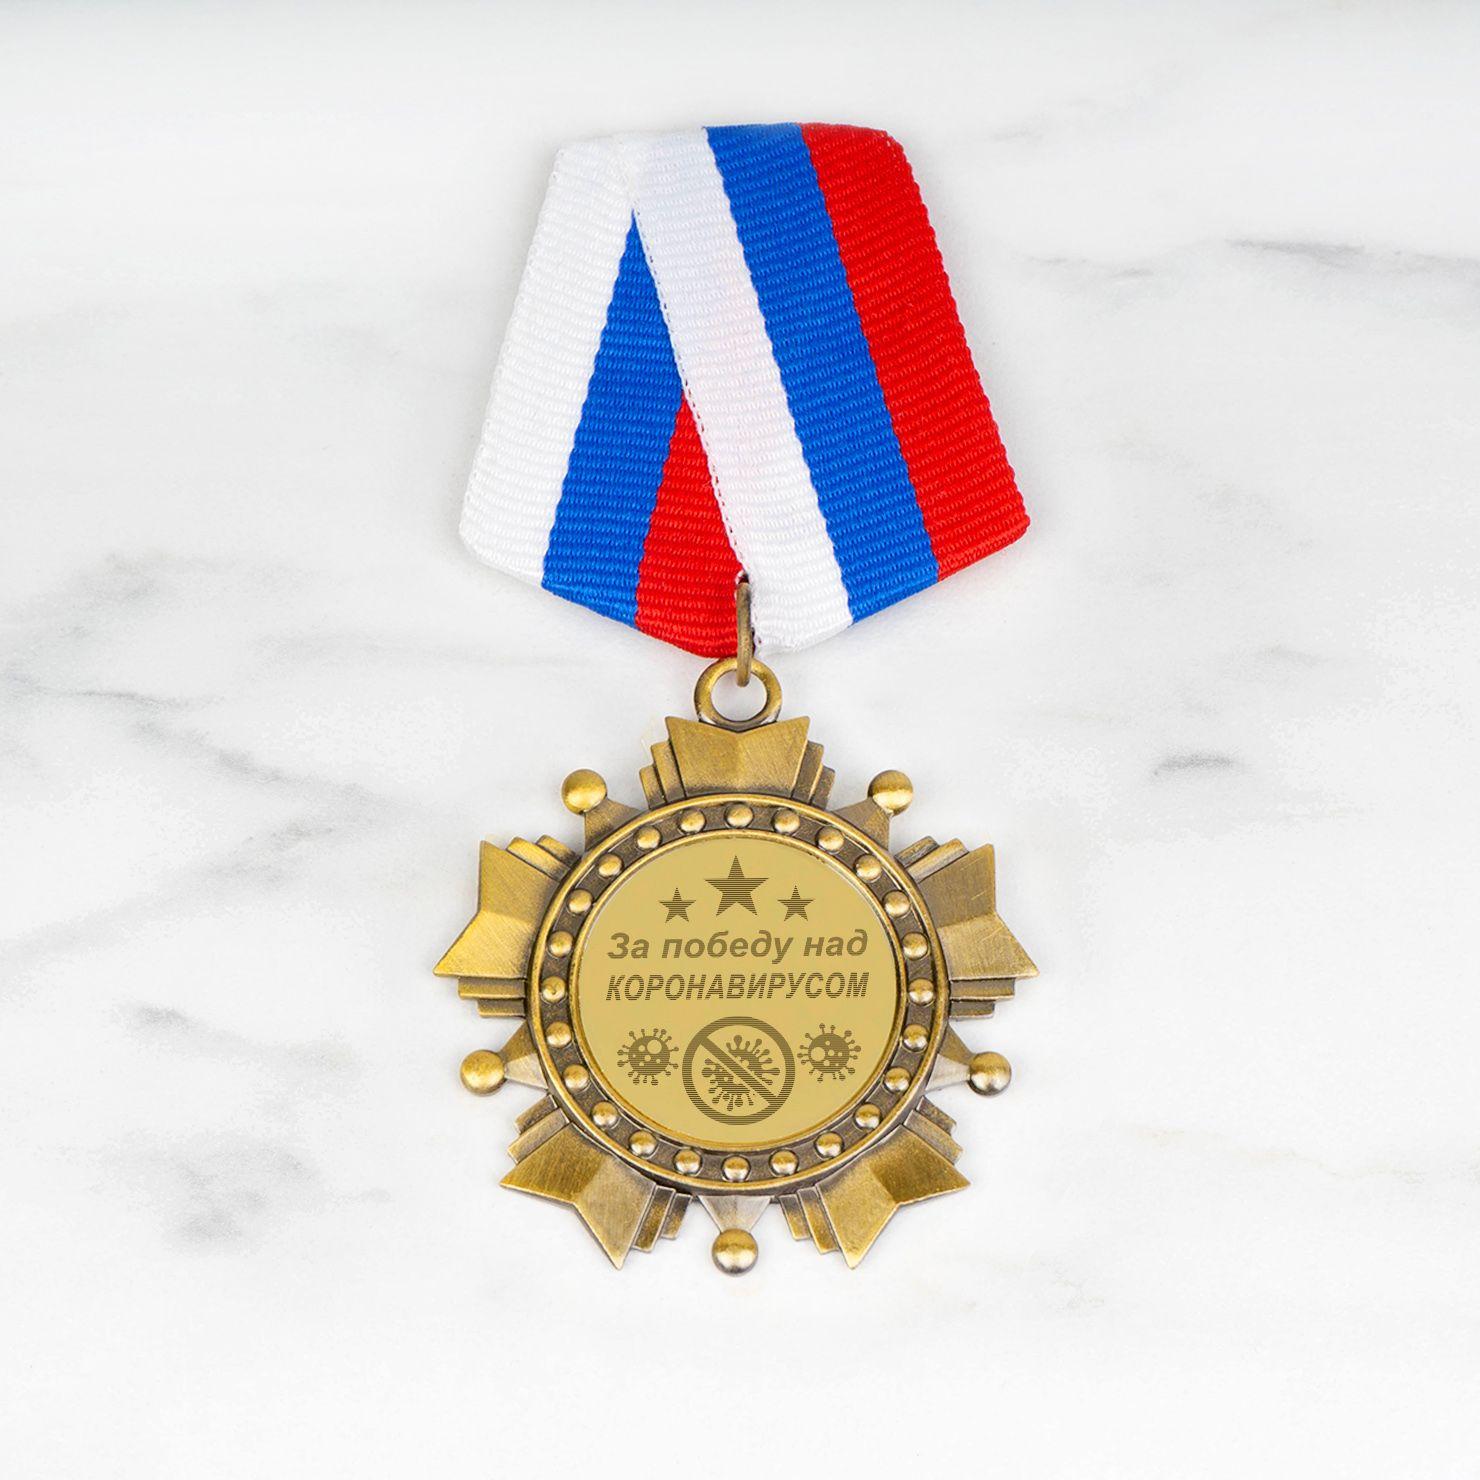 Орден «За победу над короновирусом»